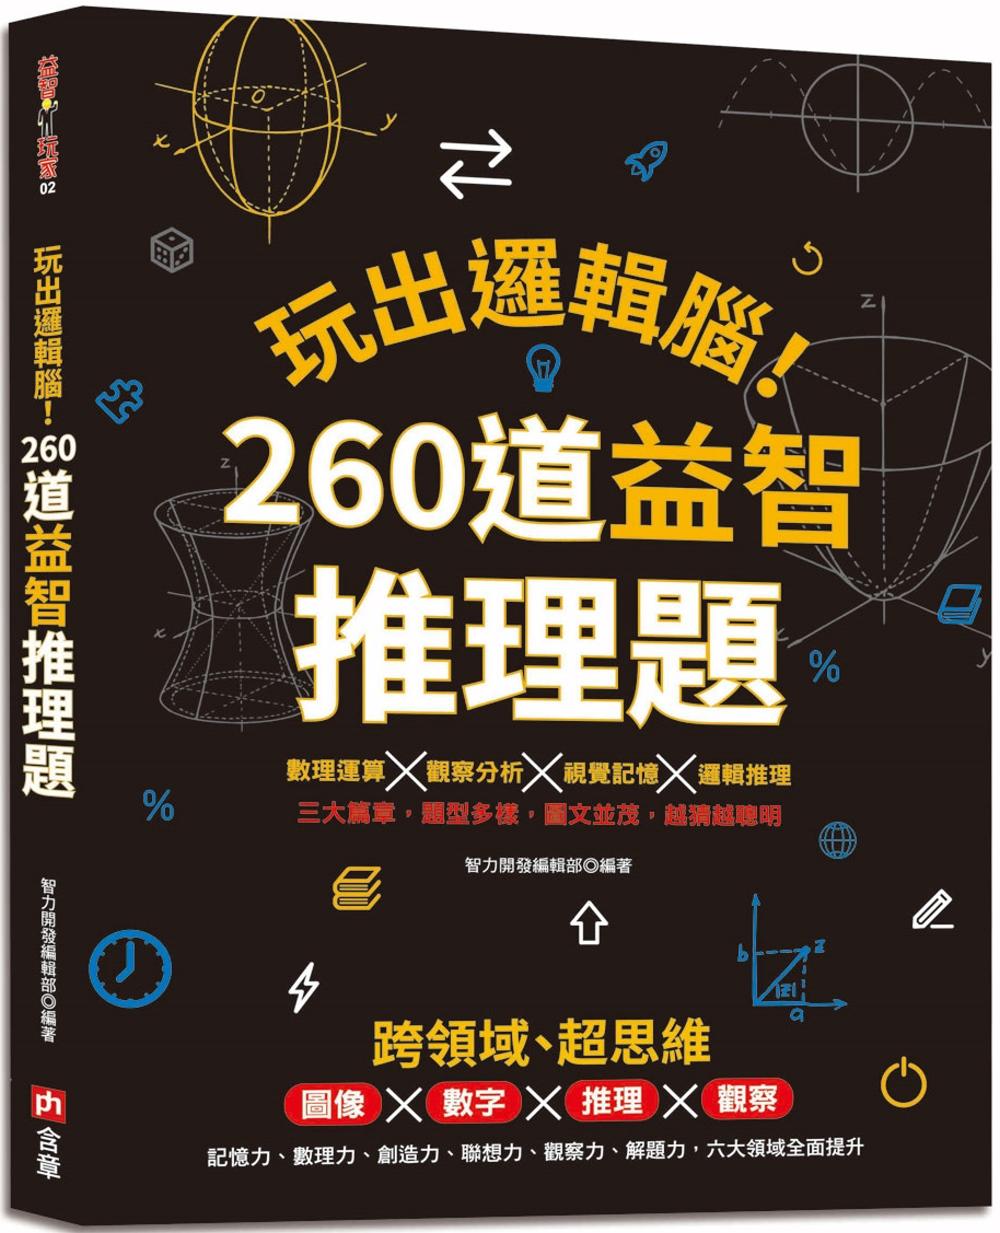 玩出邏輯腦!260道益智推理題:圖像×數字×推理×觀察,提升記憶力、數理力、創造力、聯想力、觀察力、解題力